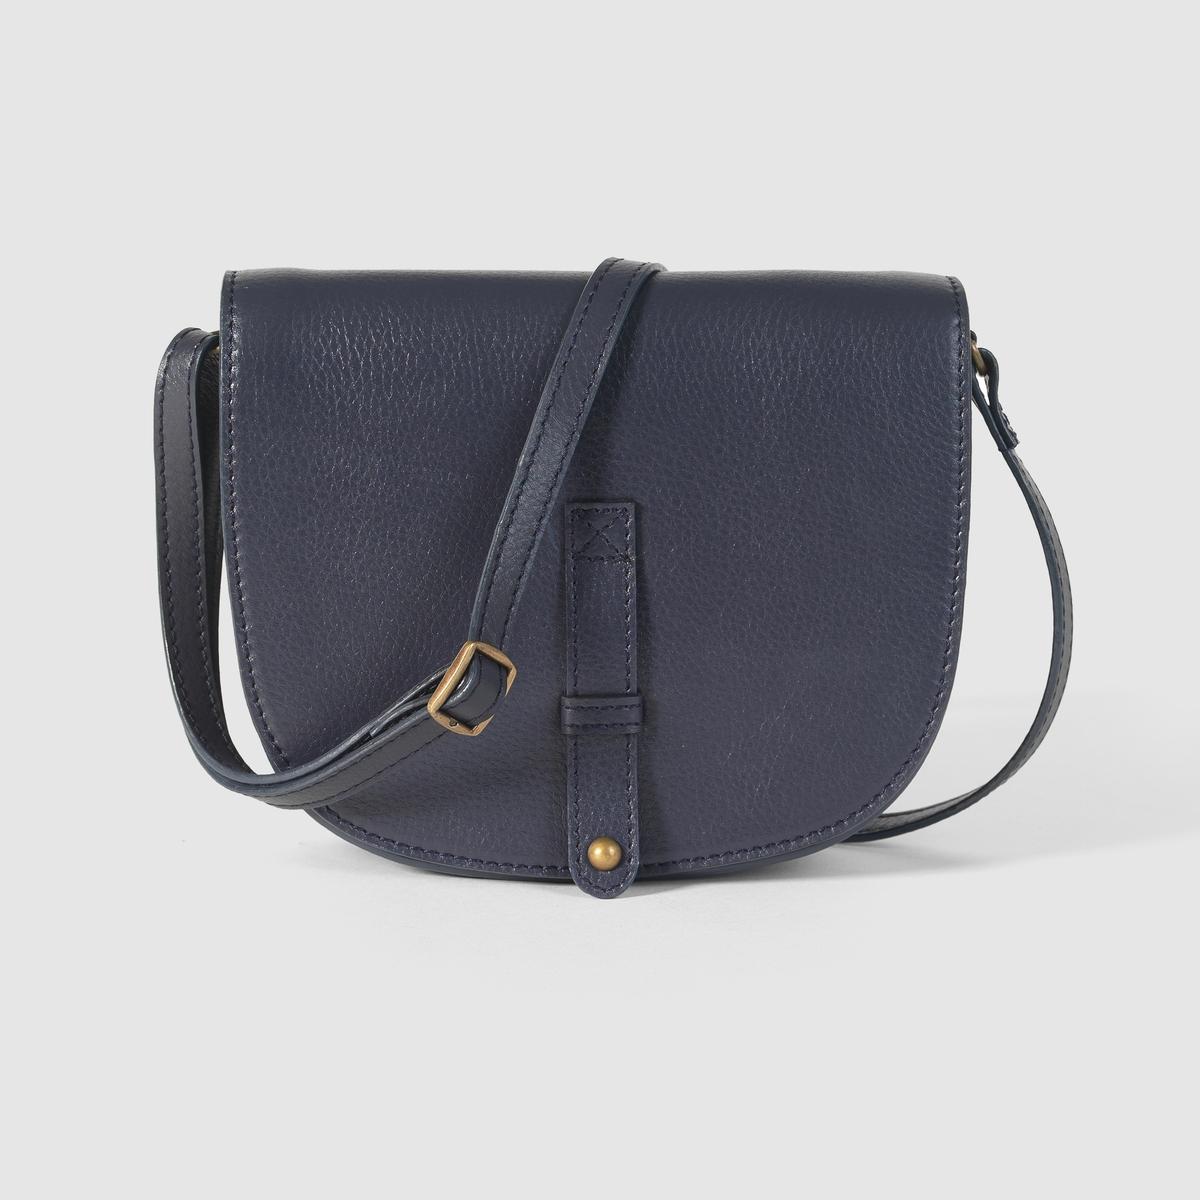 Сумка женская через плечо из кожиЖенская сумка из кожи. Материал : яловичная кожаОписание : внутренняя отделка из текстиля, внутренний карман, регулируемый ремень, магнитная застежка. Размеры : 16 x 20 x 5 см.Элегантная и привлекательная модель.<br><br>Цвет: синий морской,темно-бежевый<br>Размер: единый размер.единый размер